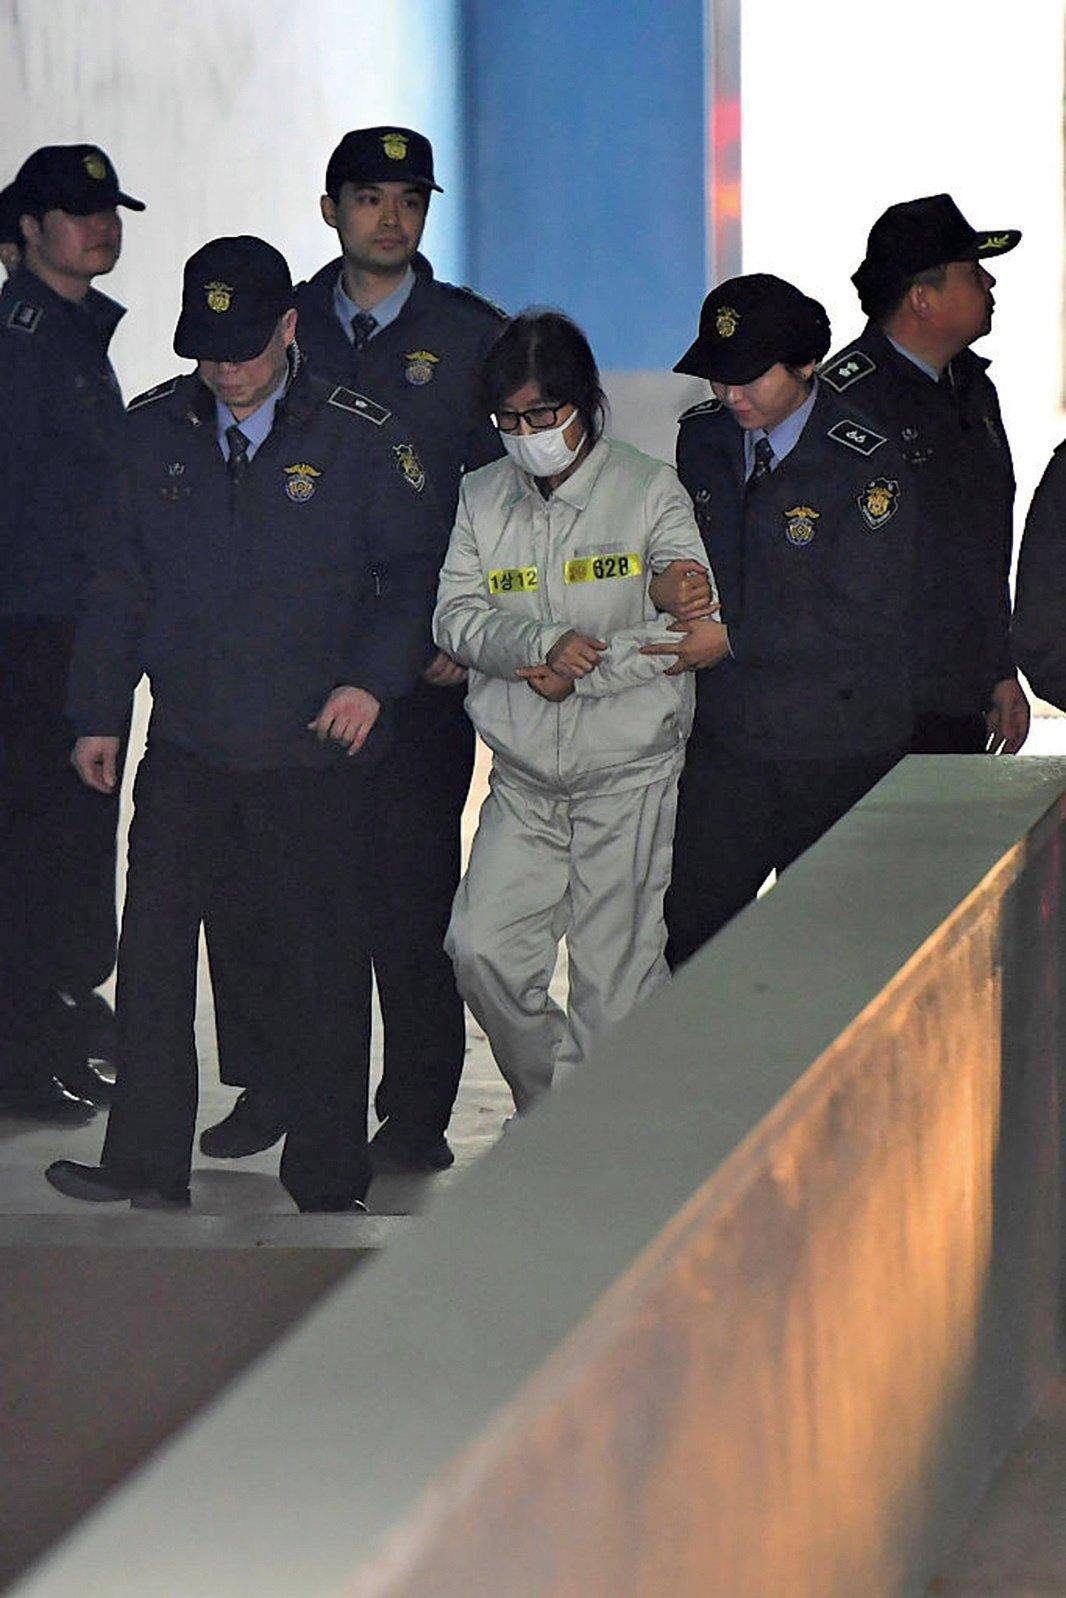 南韓法院19日開庭審理總統朴槿惠親信干政案,朴槿惠的閨蜜崔順實身穿囚衣出席初審庭訊。(AFP)